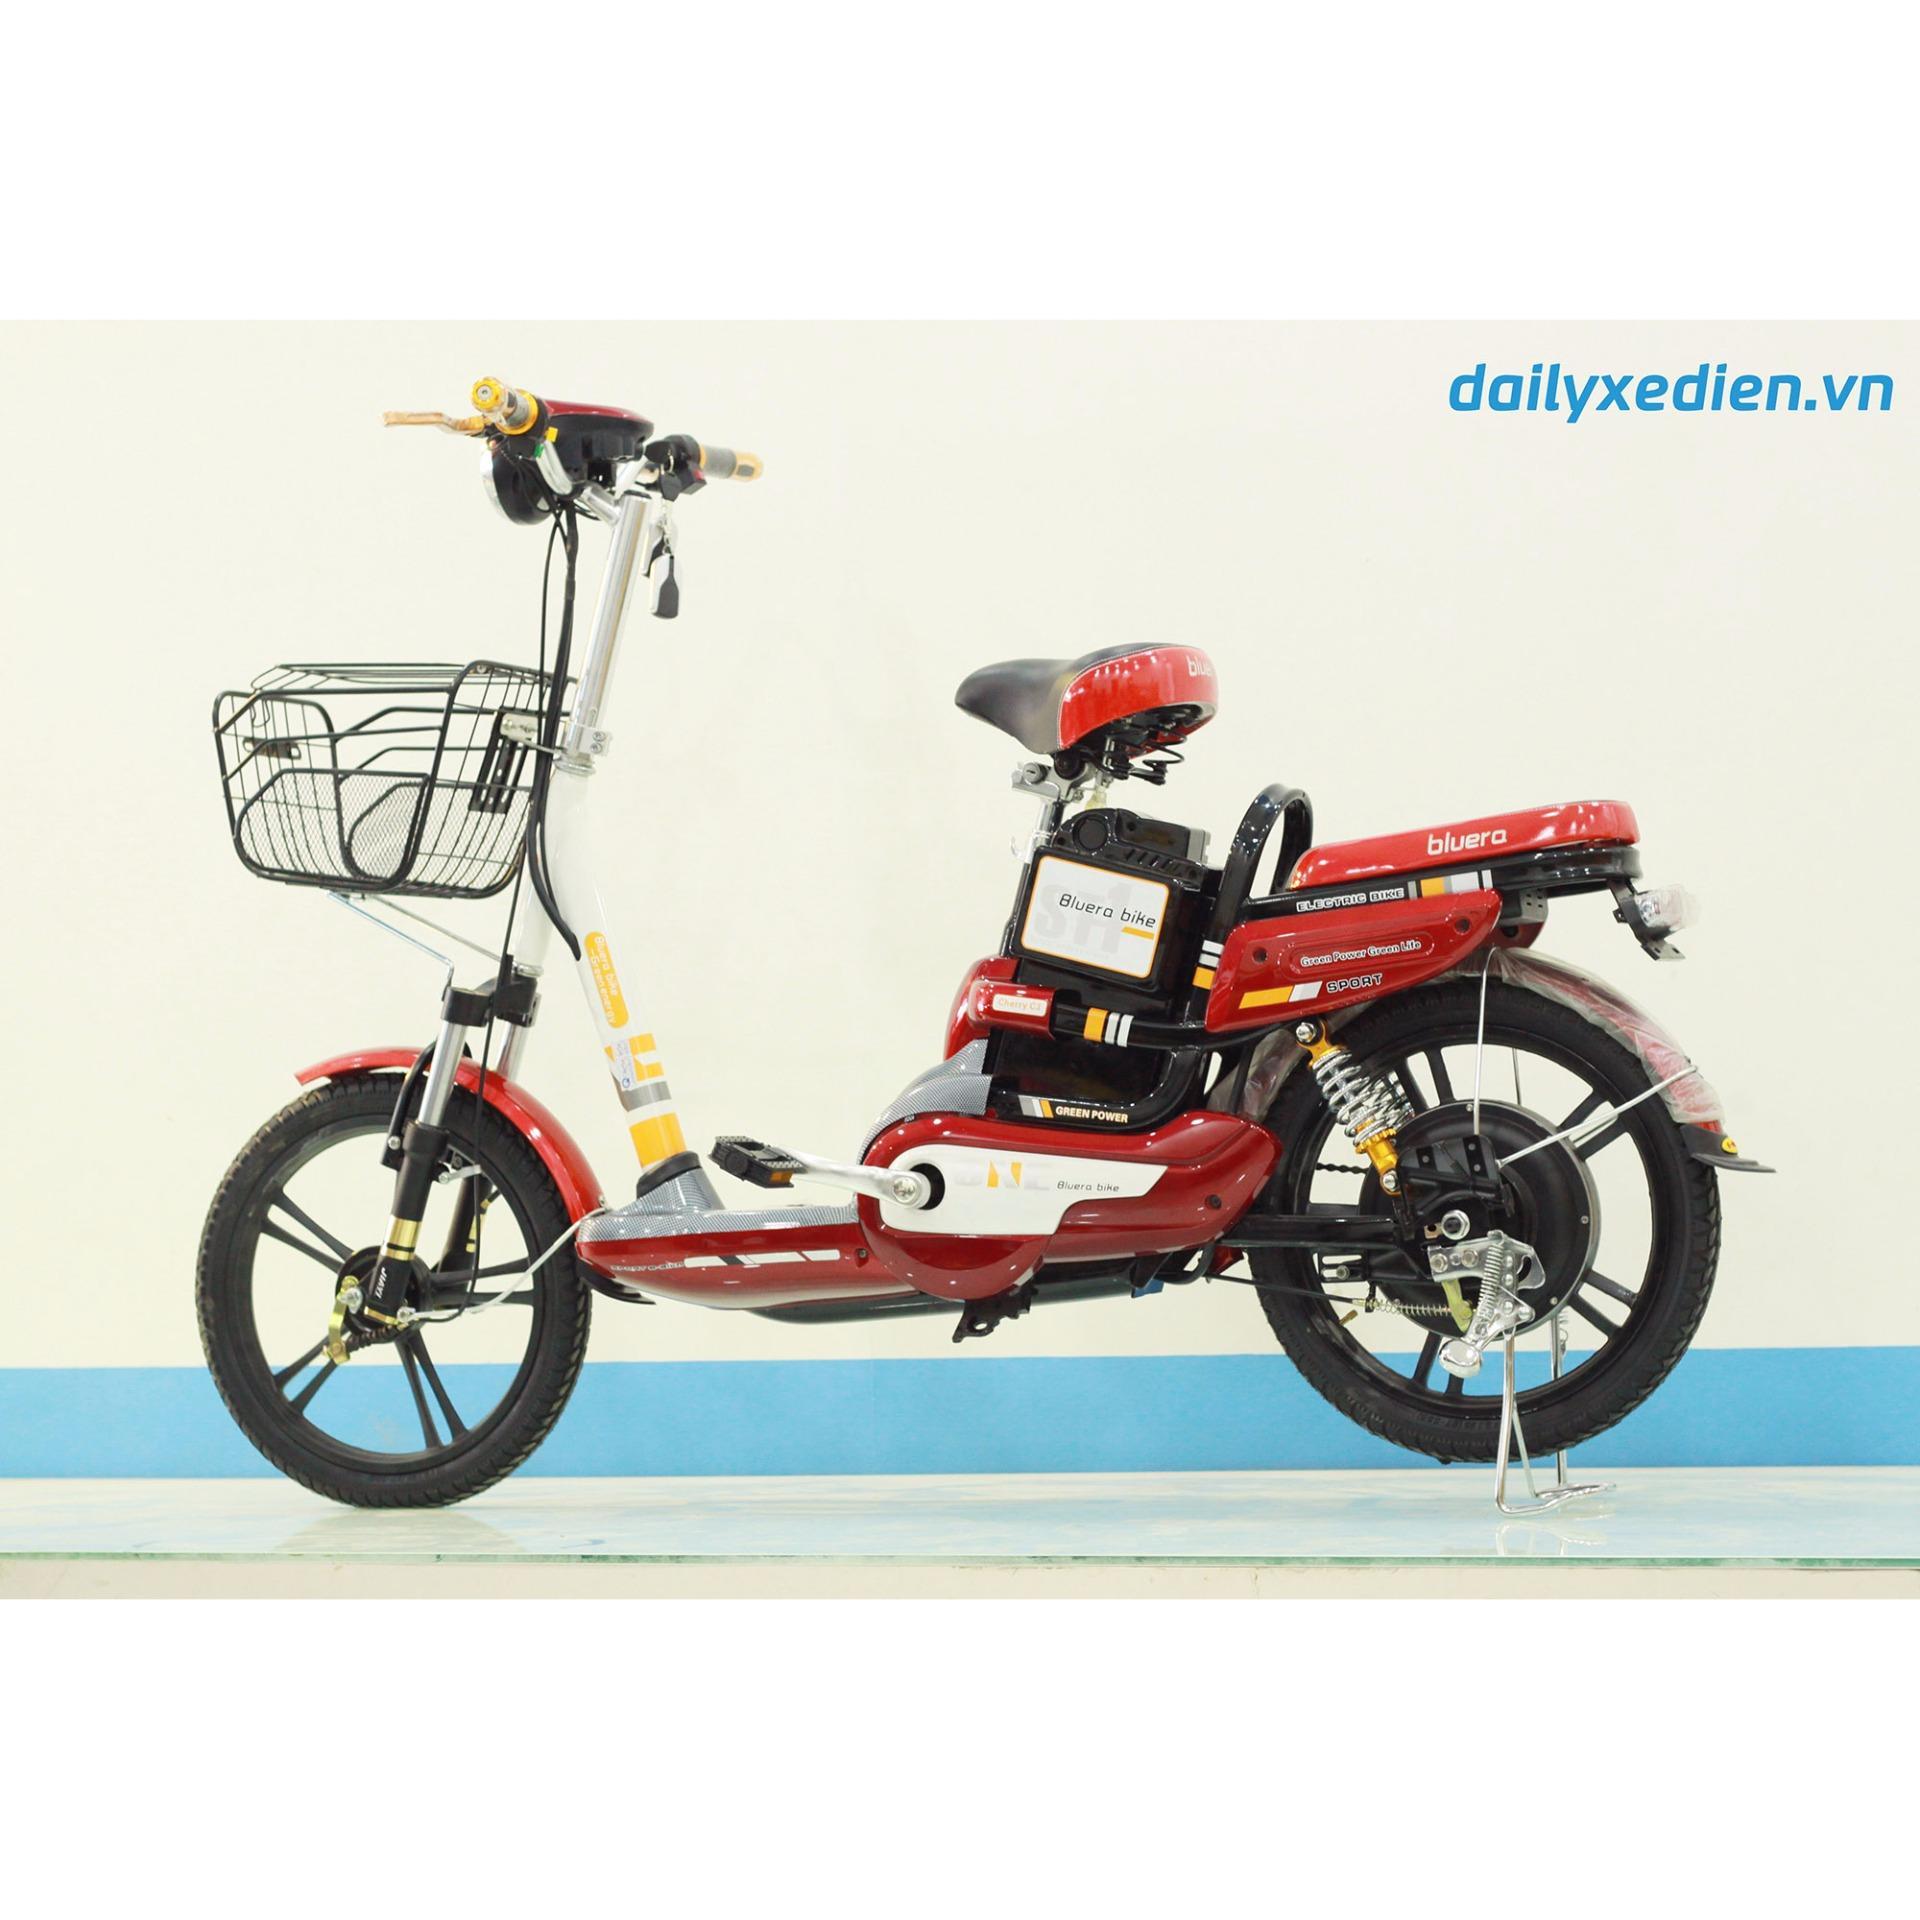 Xe đạp điện Bluera- C3